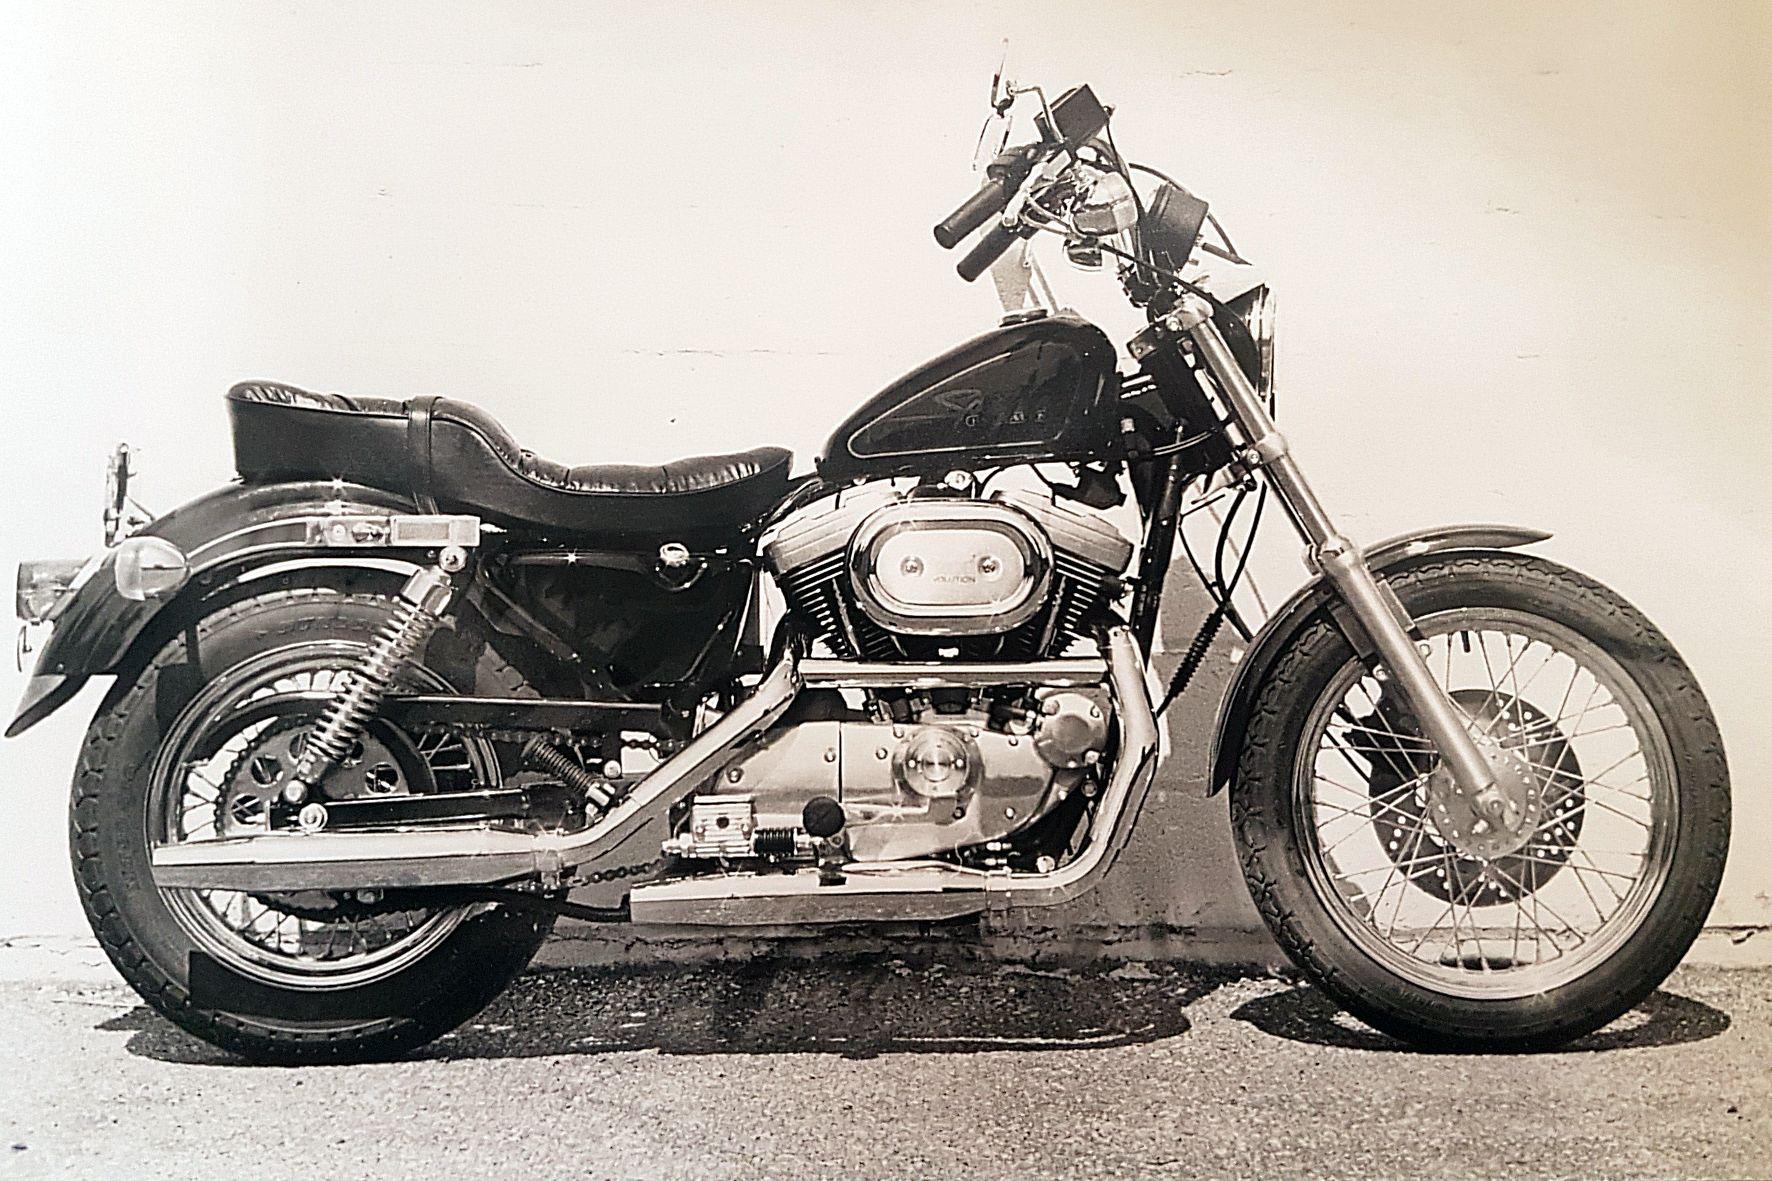 Par excellence den Harley-Twin per Knopfdruck zum Leben erwecken